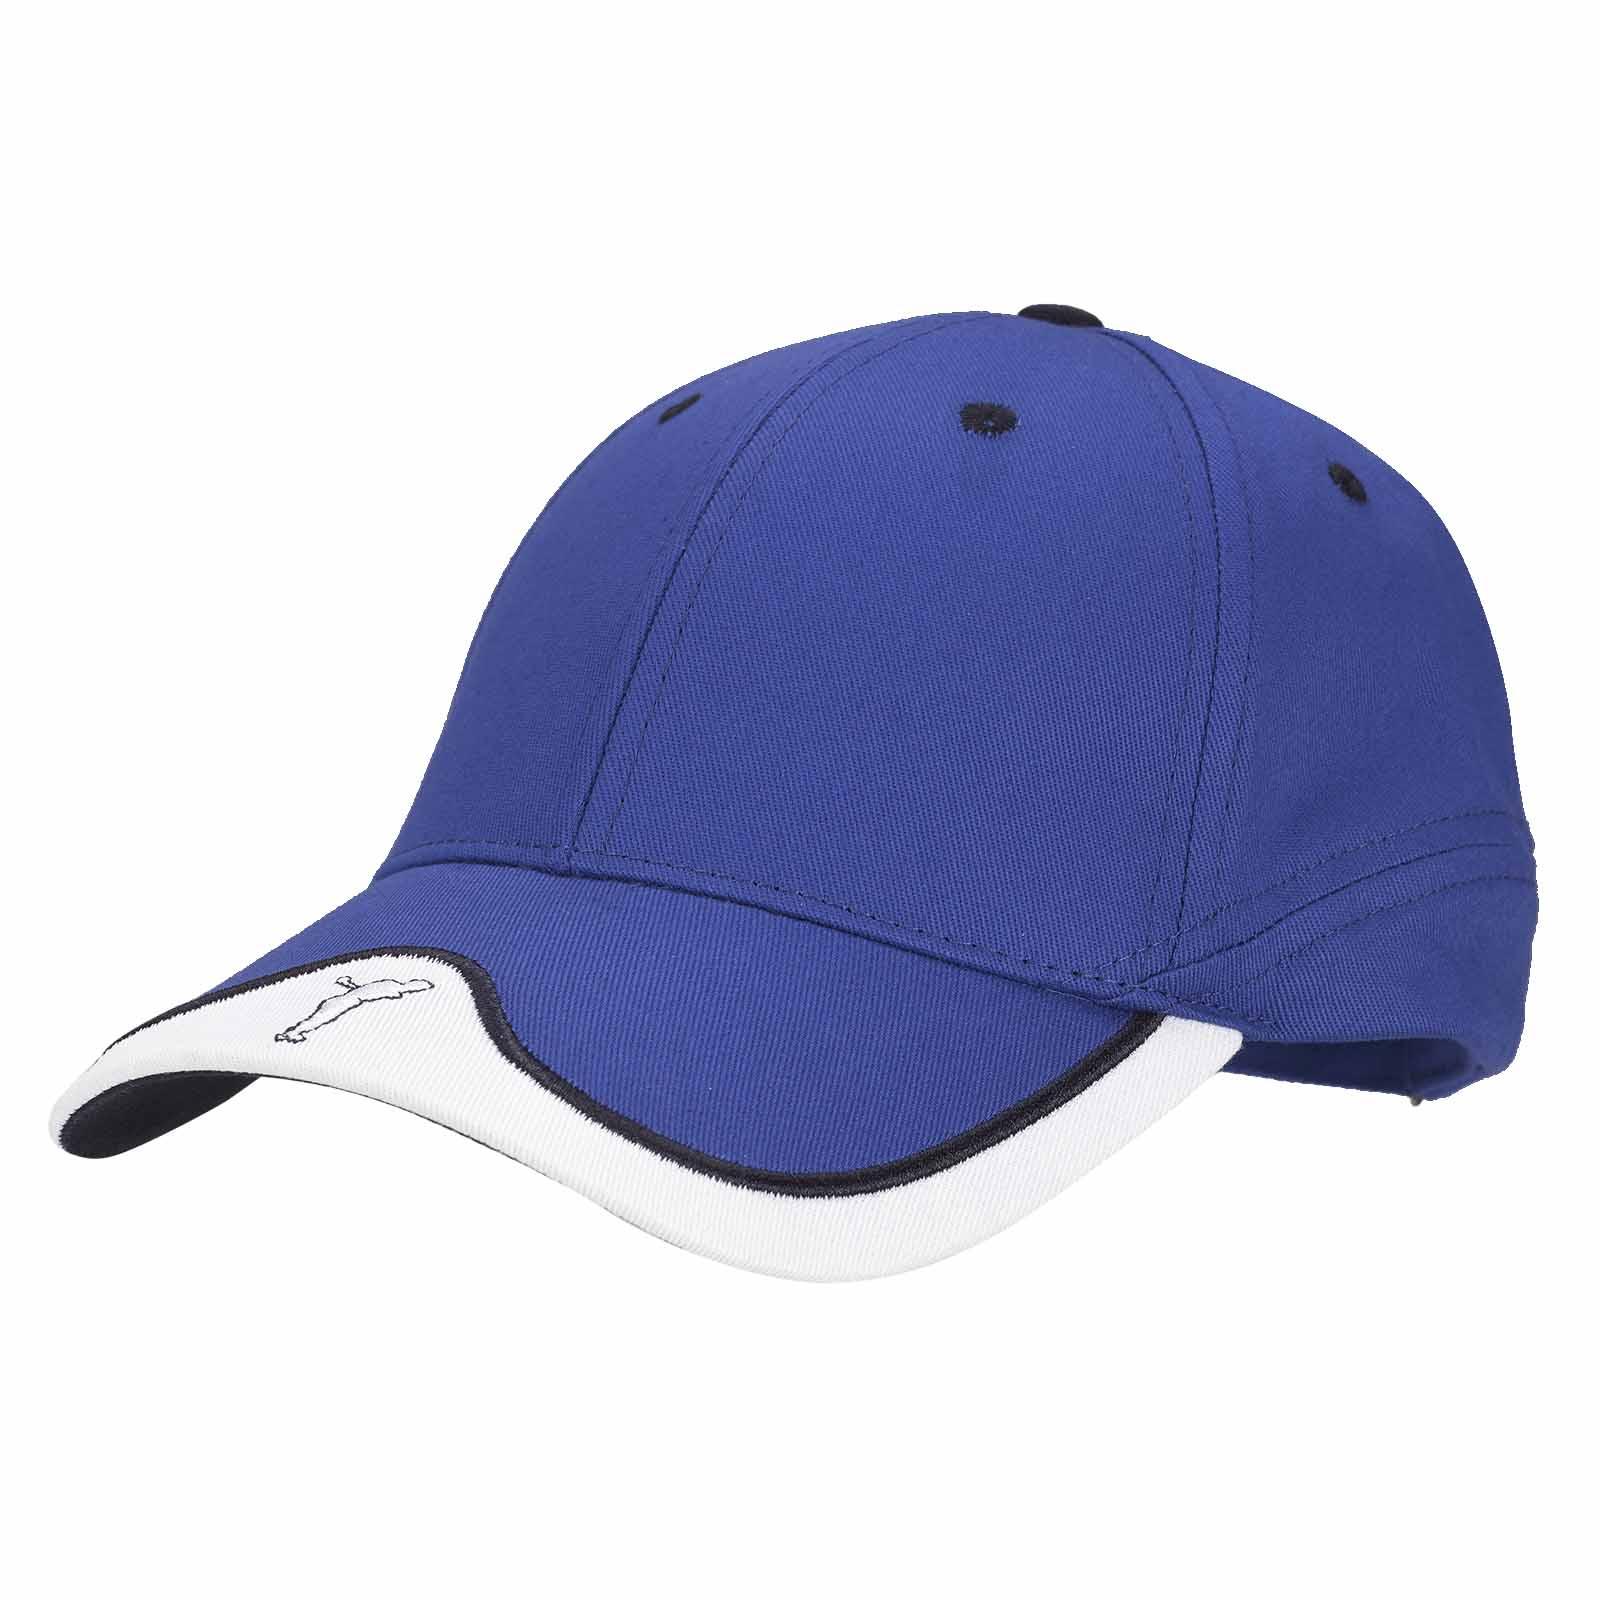 Herren Golfcap mit Stretchfunktion aus Baumwoll-Mix